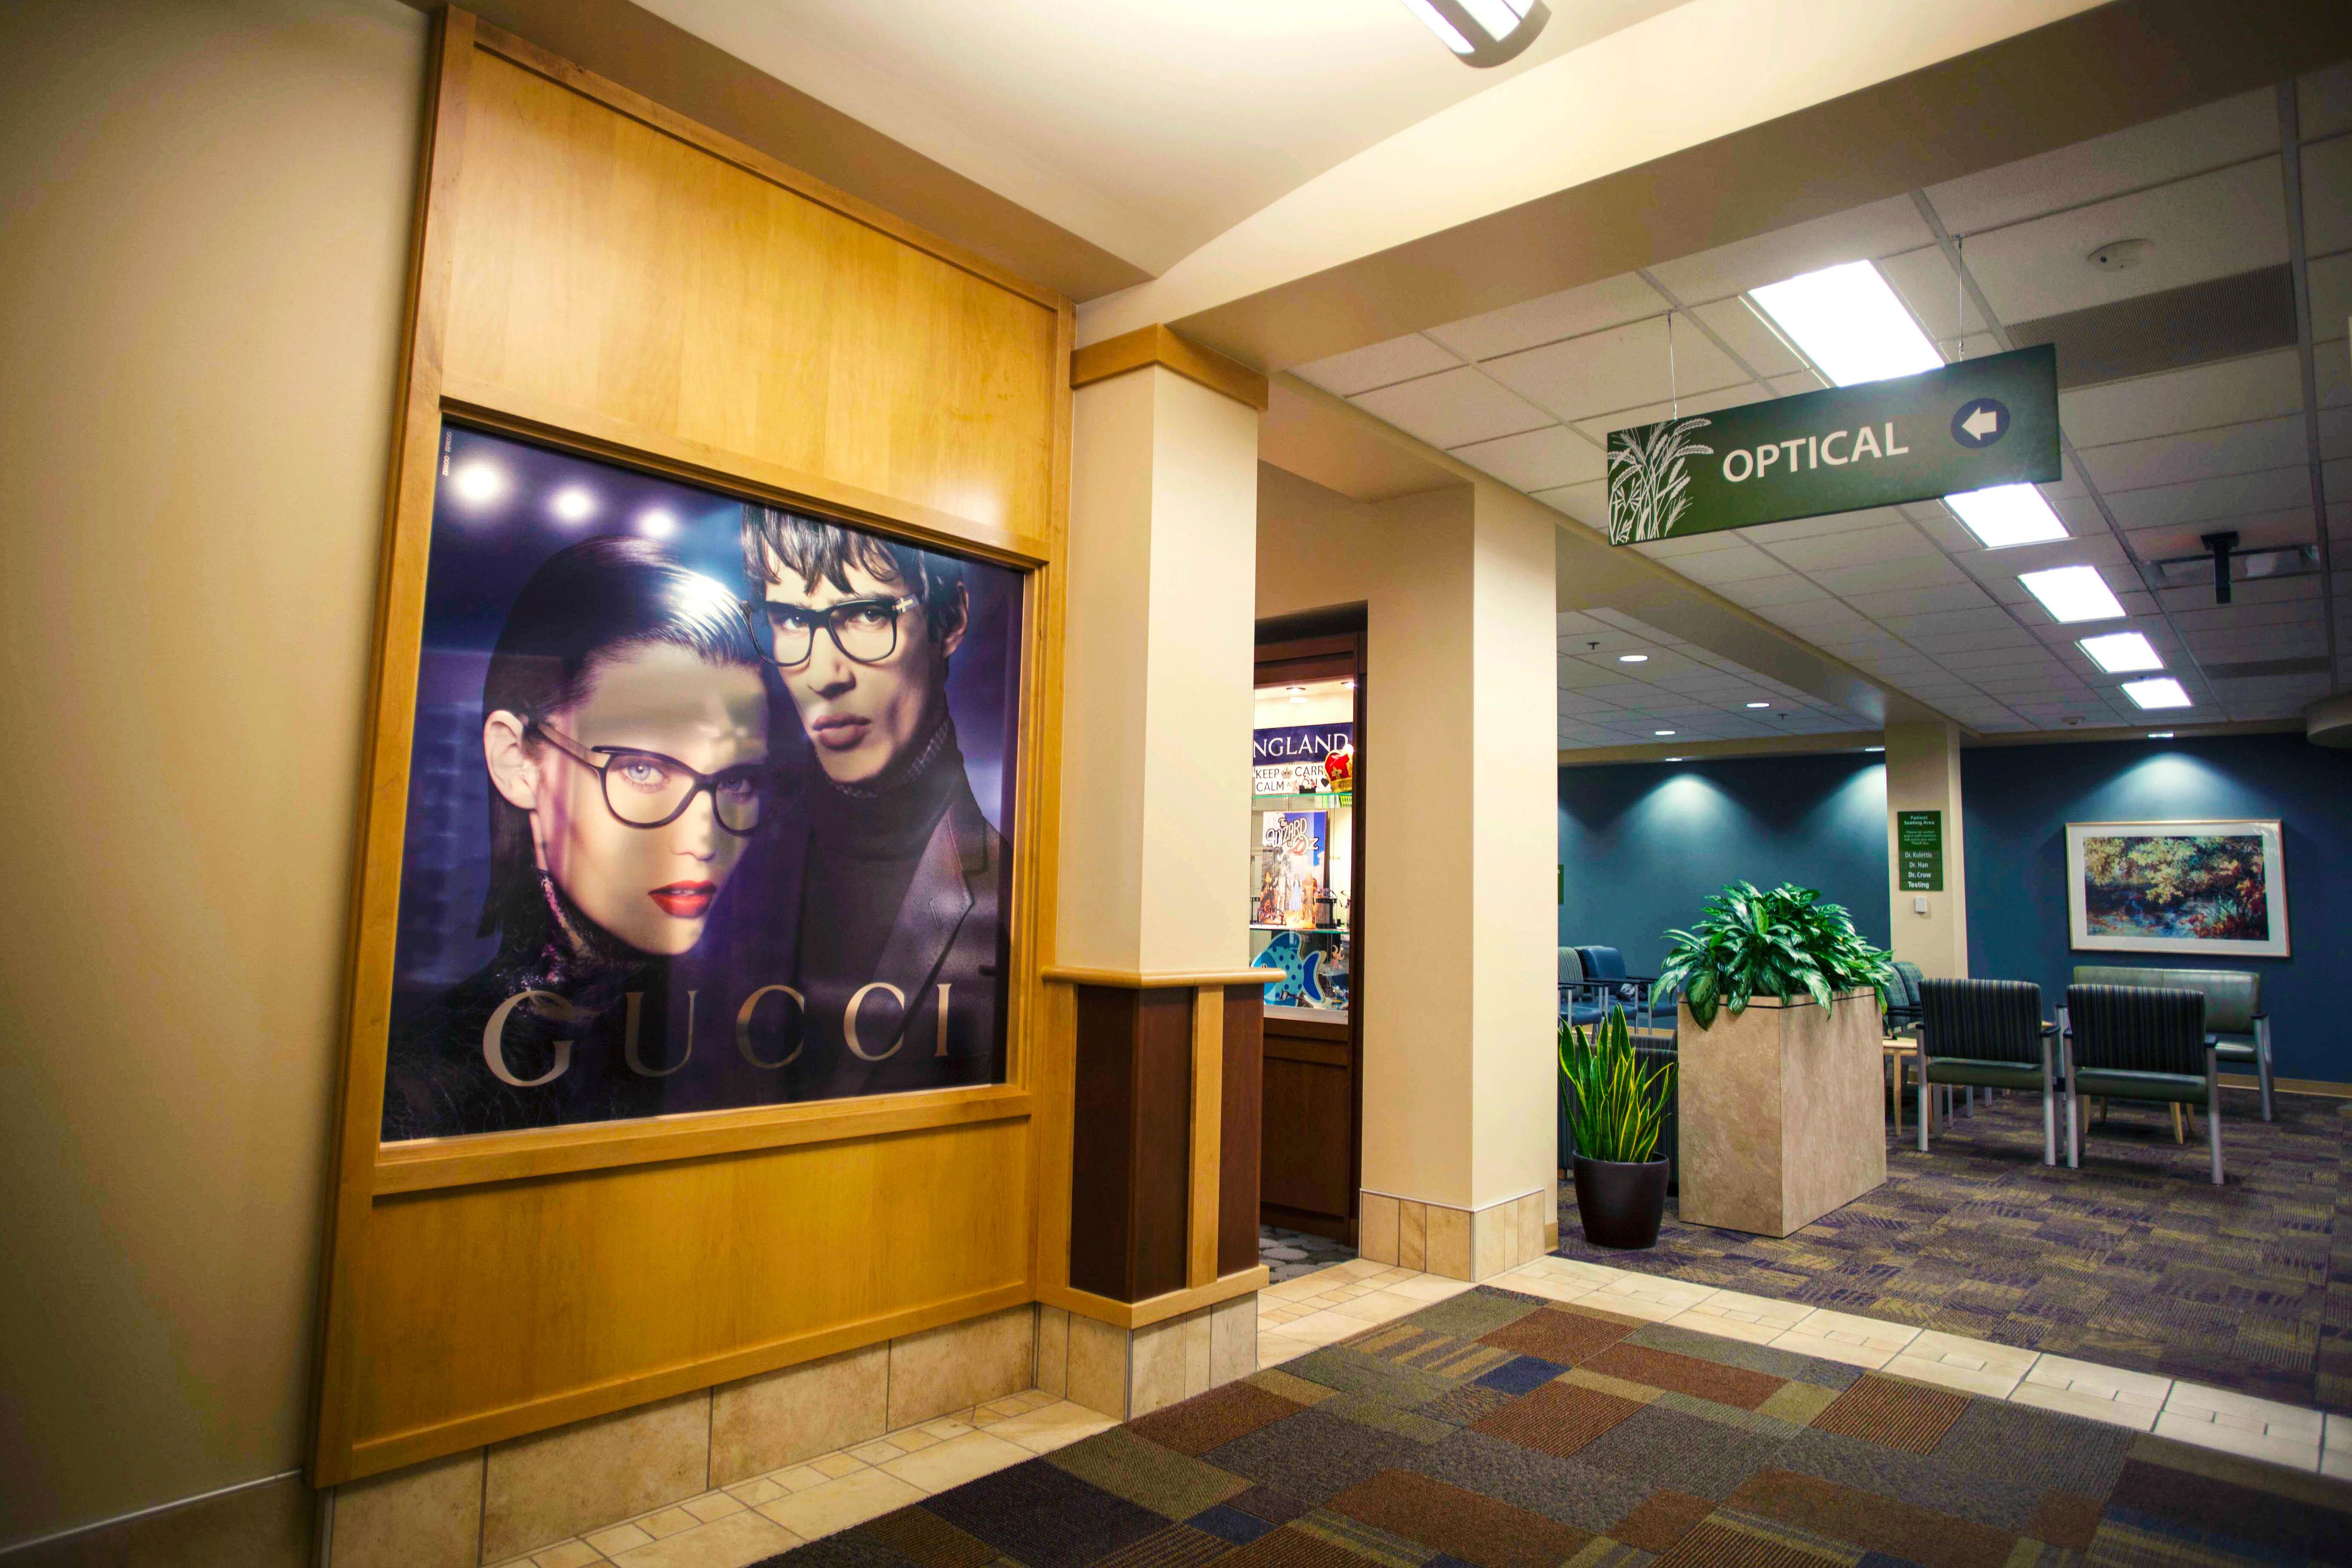 Illinois Eye Center Optical Boutique image 5